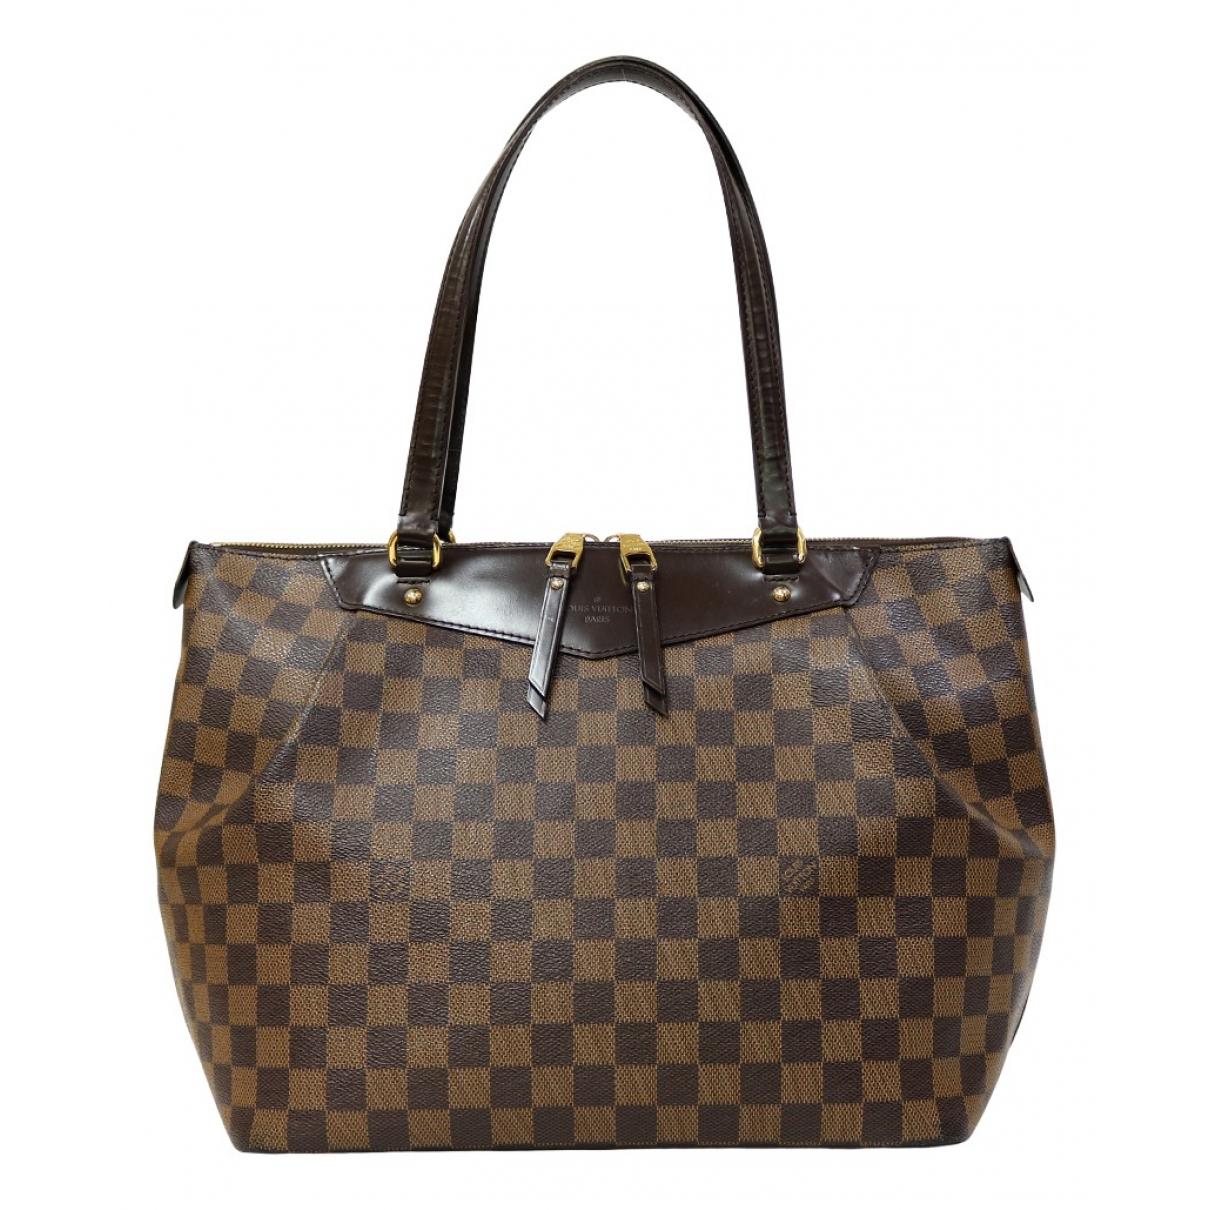 Louis Vuitton - Sac a main Westminster pour femme en toile - marron